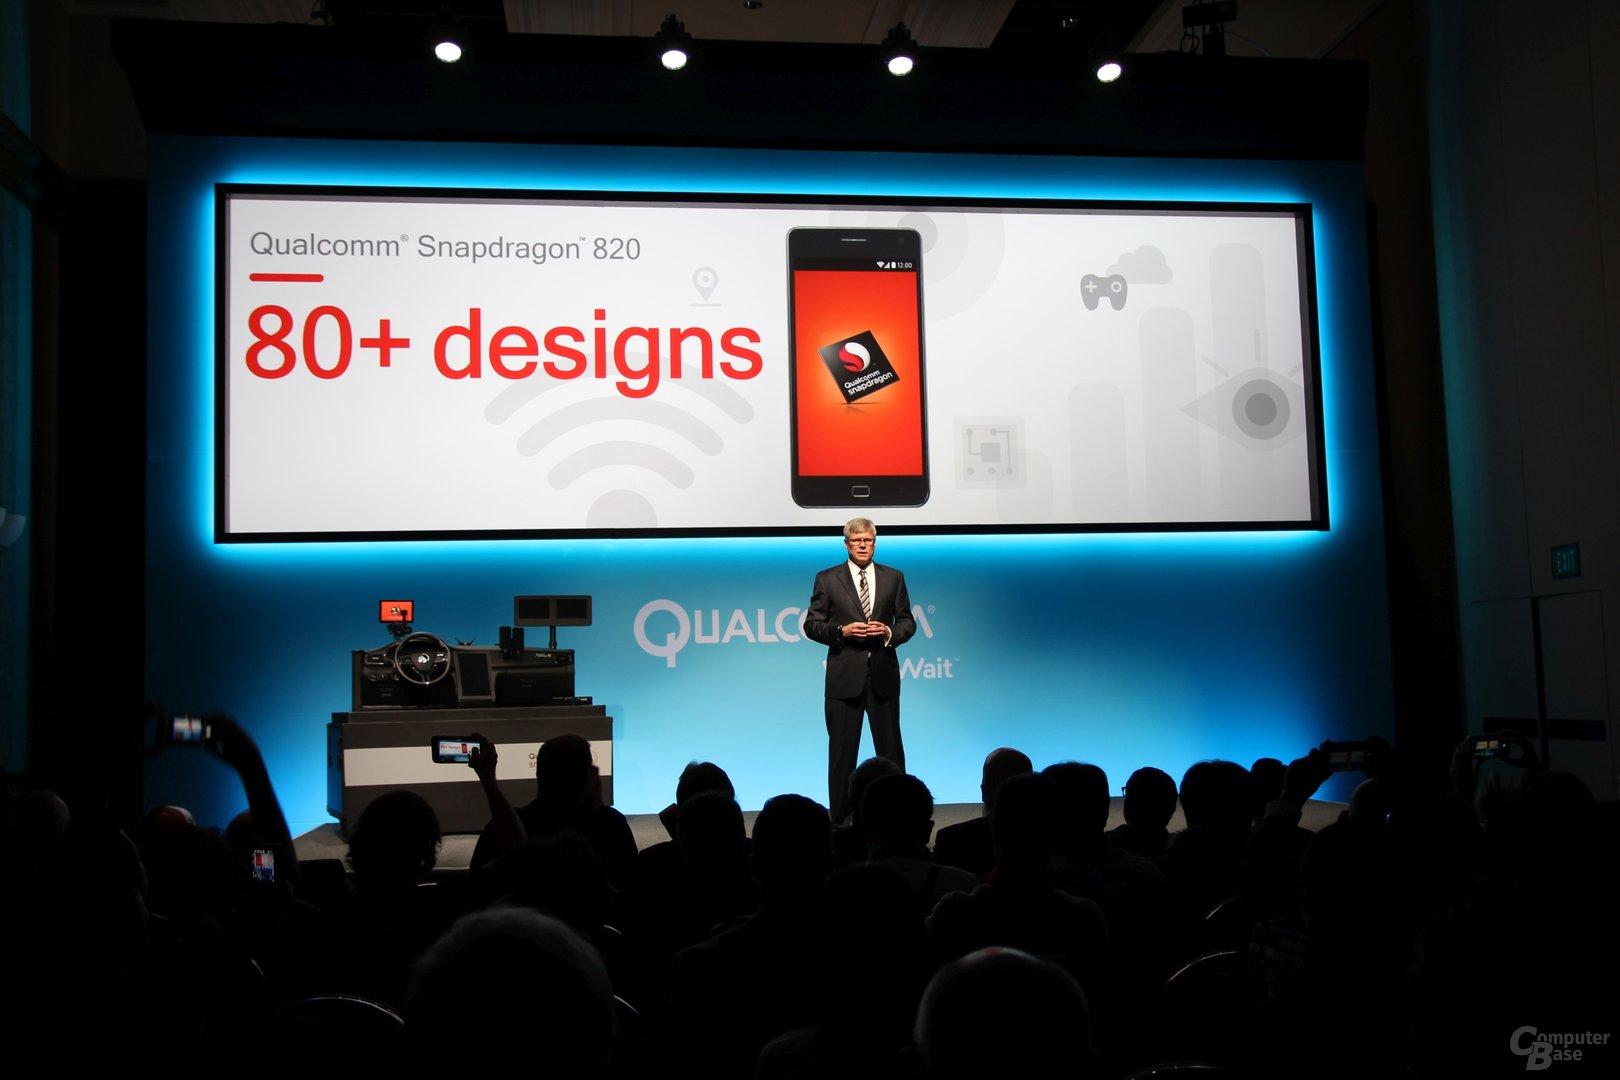 Mehr als 80 Design Wins für den Snapdragon 820